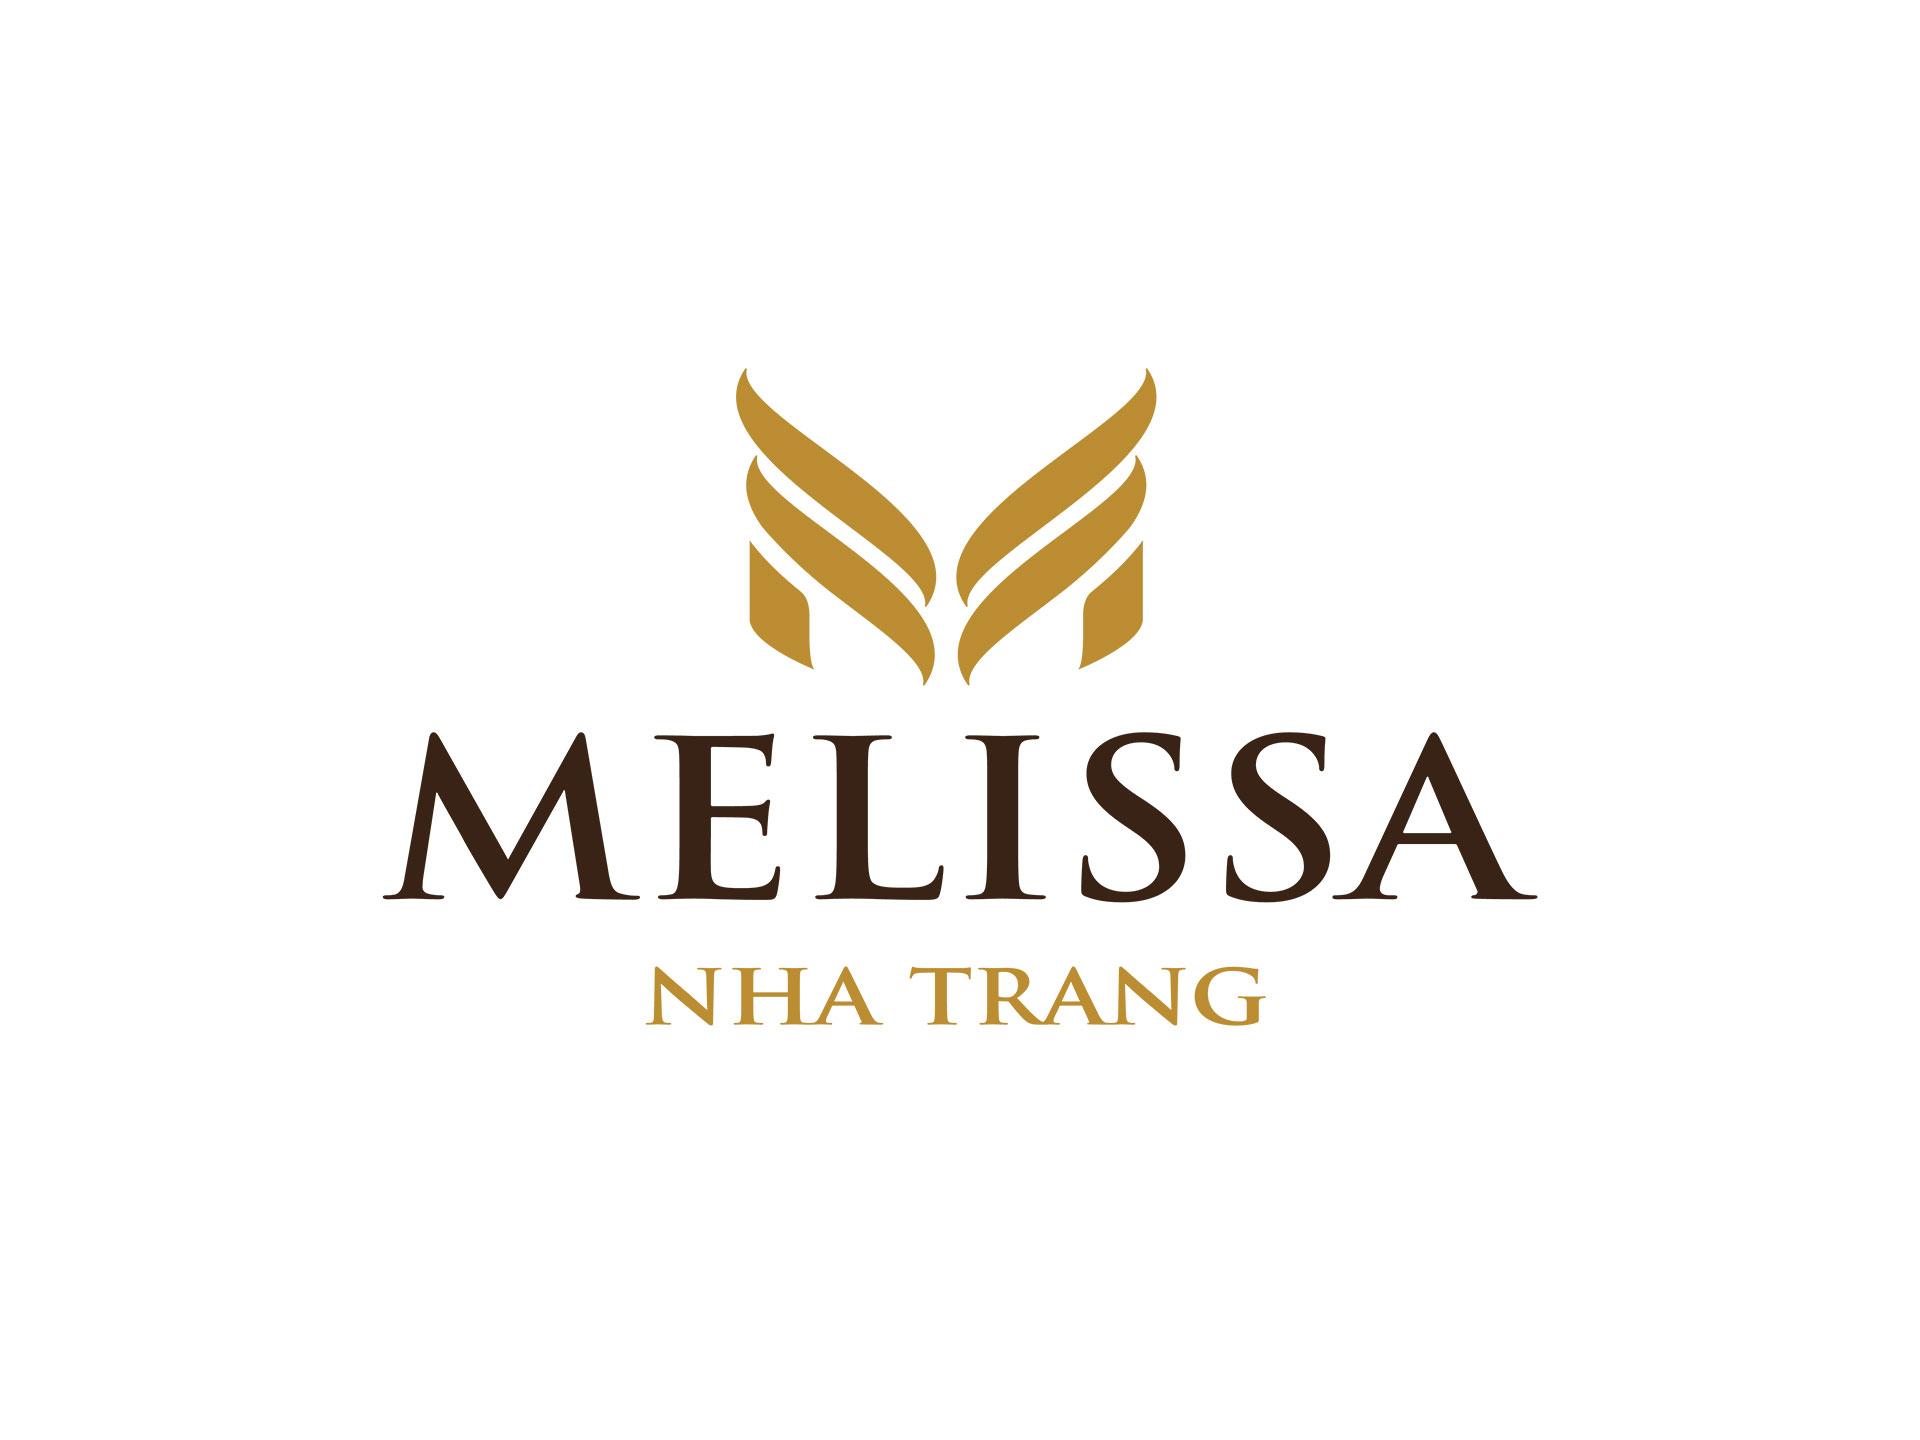 Thiết kế Logo và Bộ nhận diện thương hiệu khách sạn 3 sao Melissa tại Hà Nội